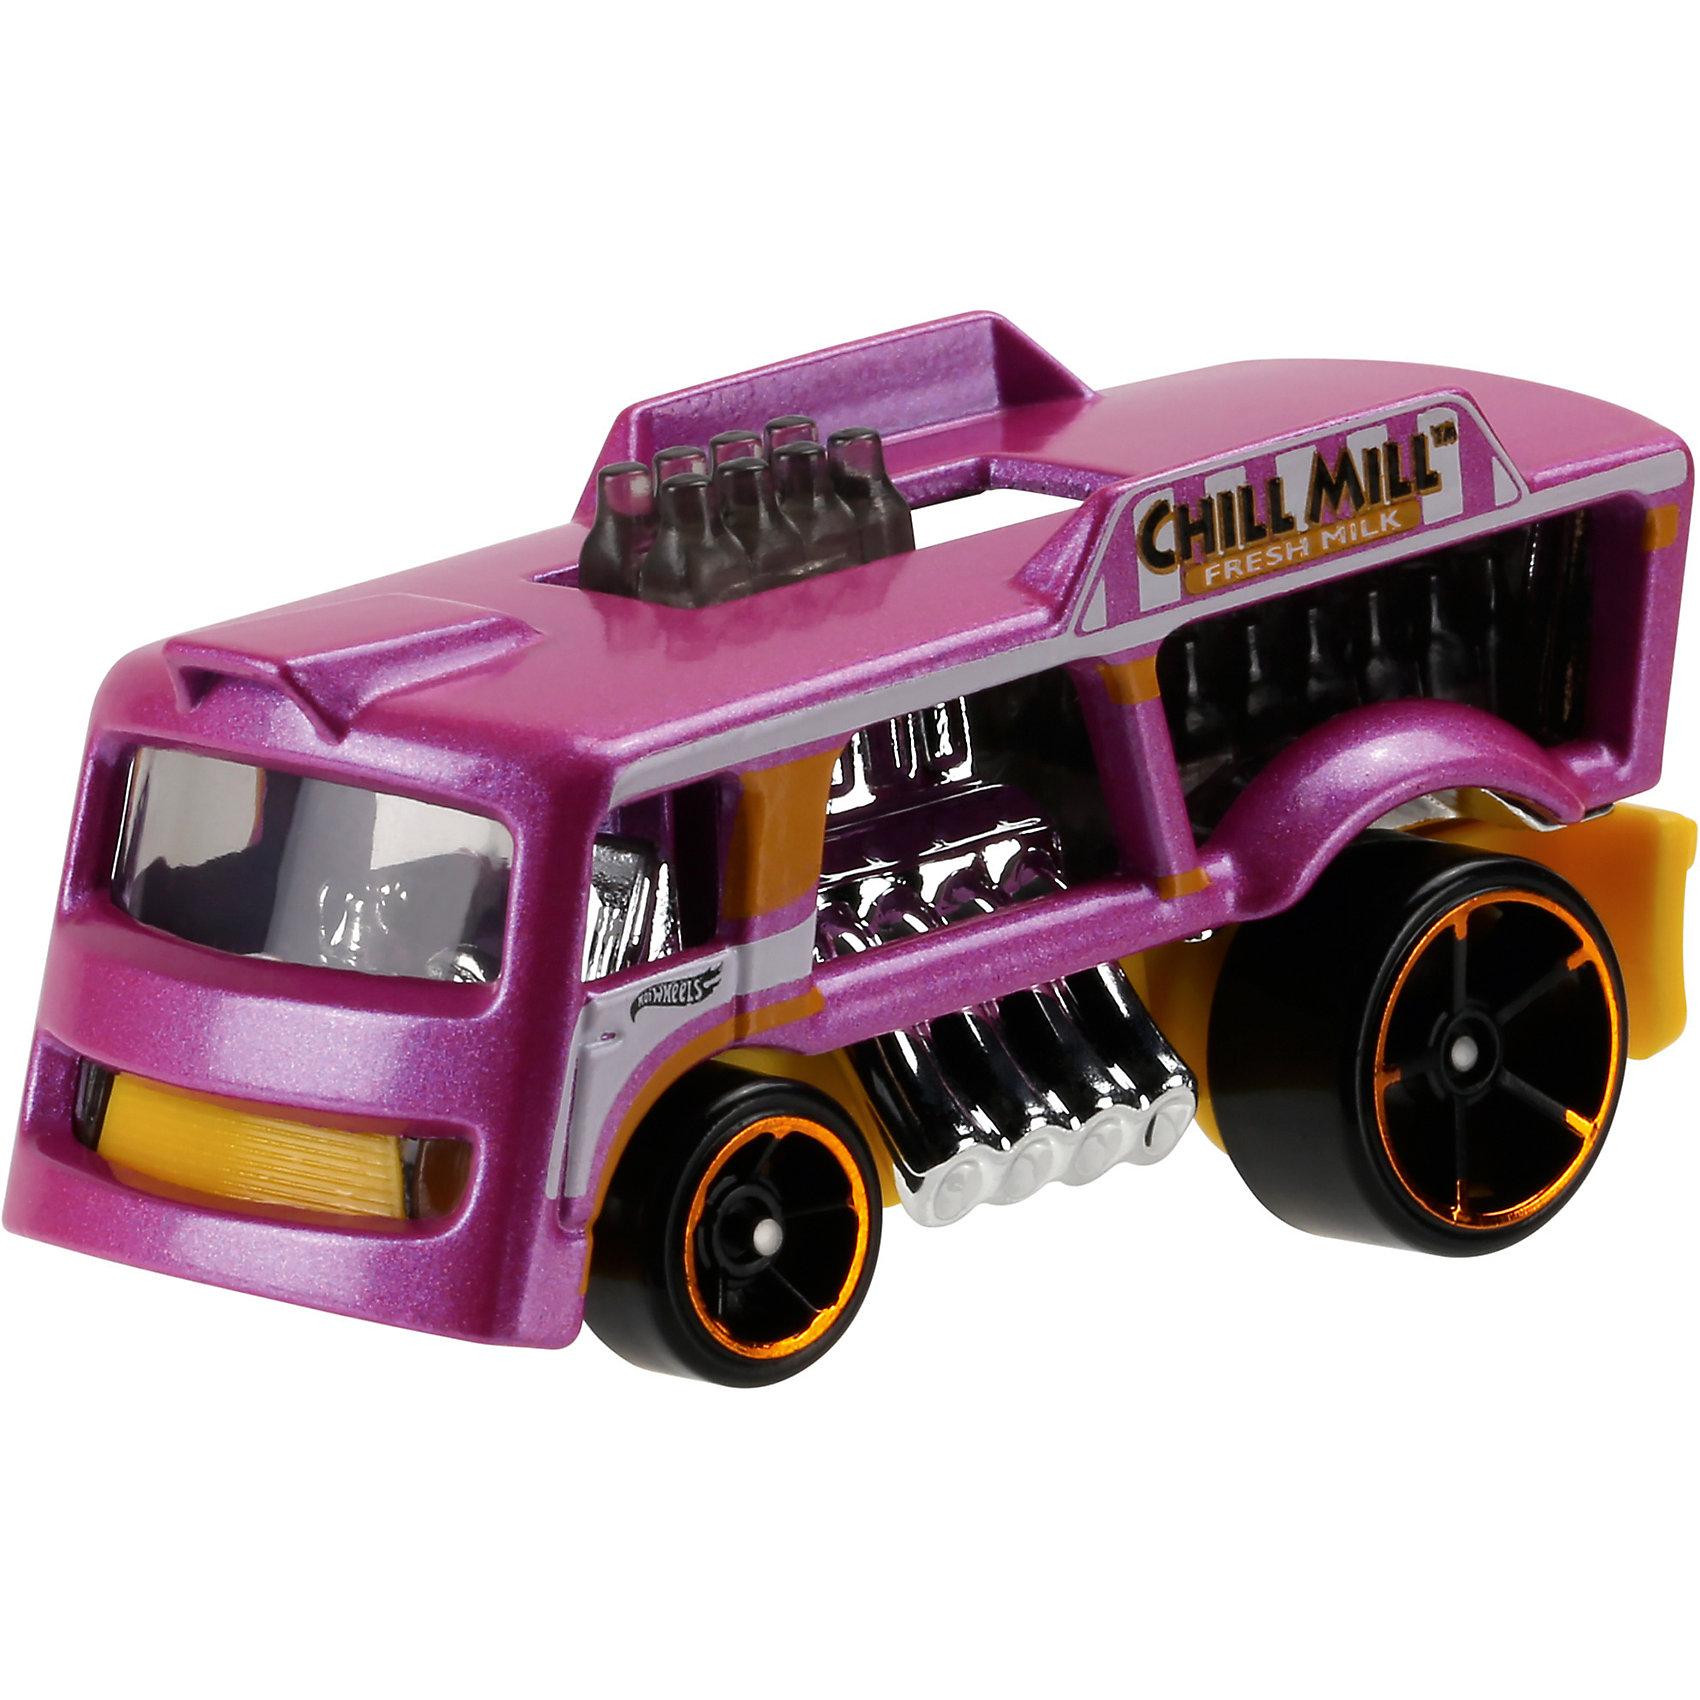 Машинка Hot Wheels из базовой коллекцииМашинки<br>Машинка Hot Wheels из базовой коллекции – высококачественная масштабная модель машины, имеющая неординарный, радикальный дизайн. <br><br>В упаковке 1 машинка,  машинки тематически обусловлены от фантазийных, спасательных до экстремальных и просто скоростных машин. <br><br>Соберите свою коллекцию машинок Hot Wheels!<br><br>Дополнительная информация: <br><br>Машинка стандартного размера Hot Wheels<br>Размер упаковки: 11 х 10,5 х 3,5 см<br><br>Ширина мм: 110<br>Глубина мм: 45<br>Высота мм: 110<br>Вес г: 30<br>Возраст от месяцев: 36<br>Возраст до месяцев: 96<br>Пол: Мужской<br>Возраст: Детский<br>SKU: 4901815